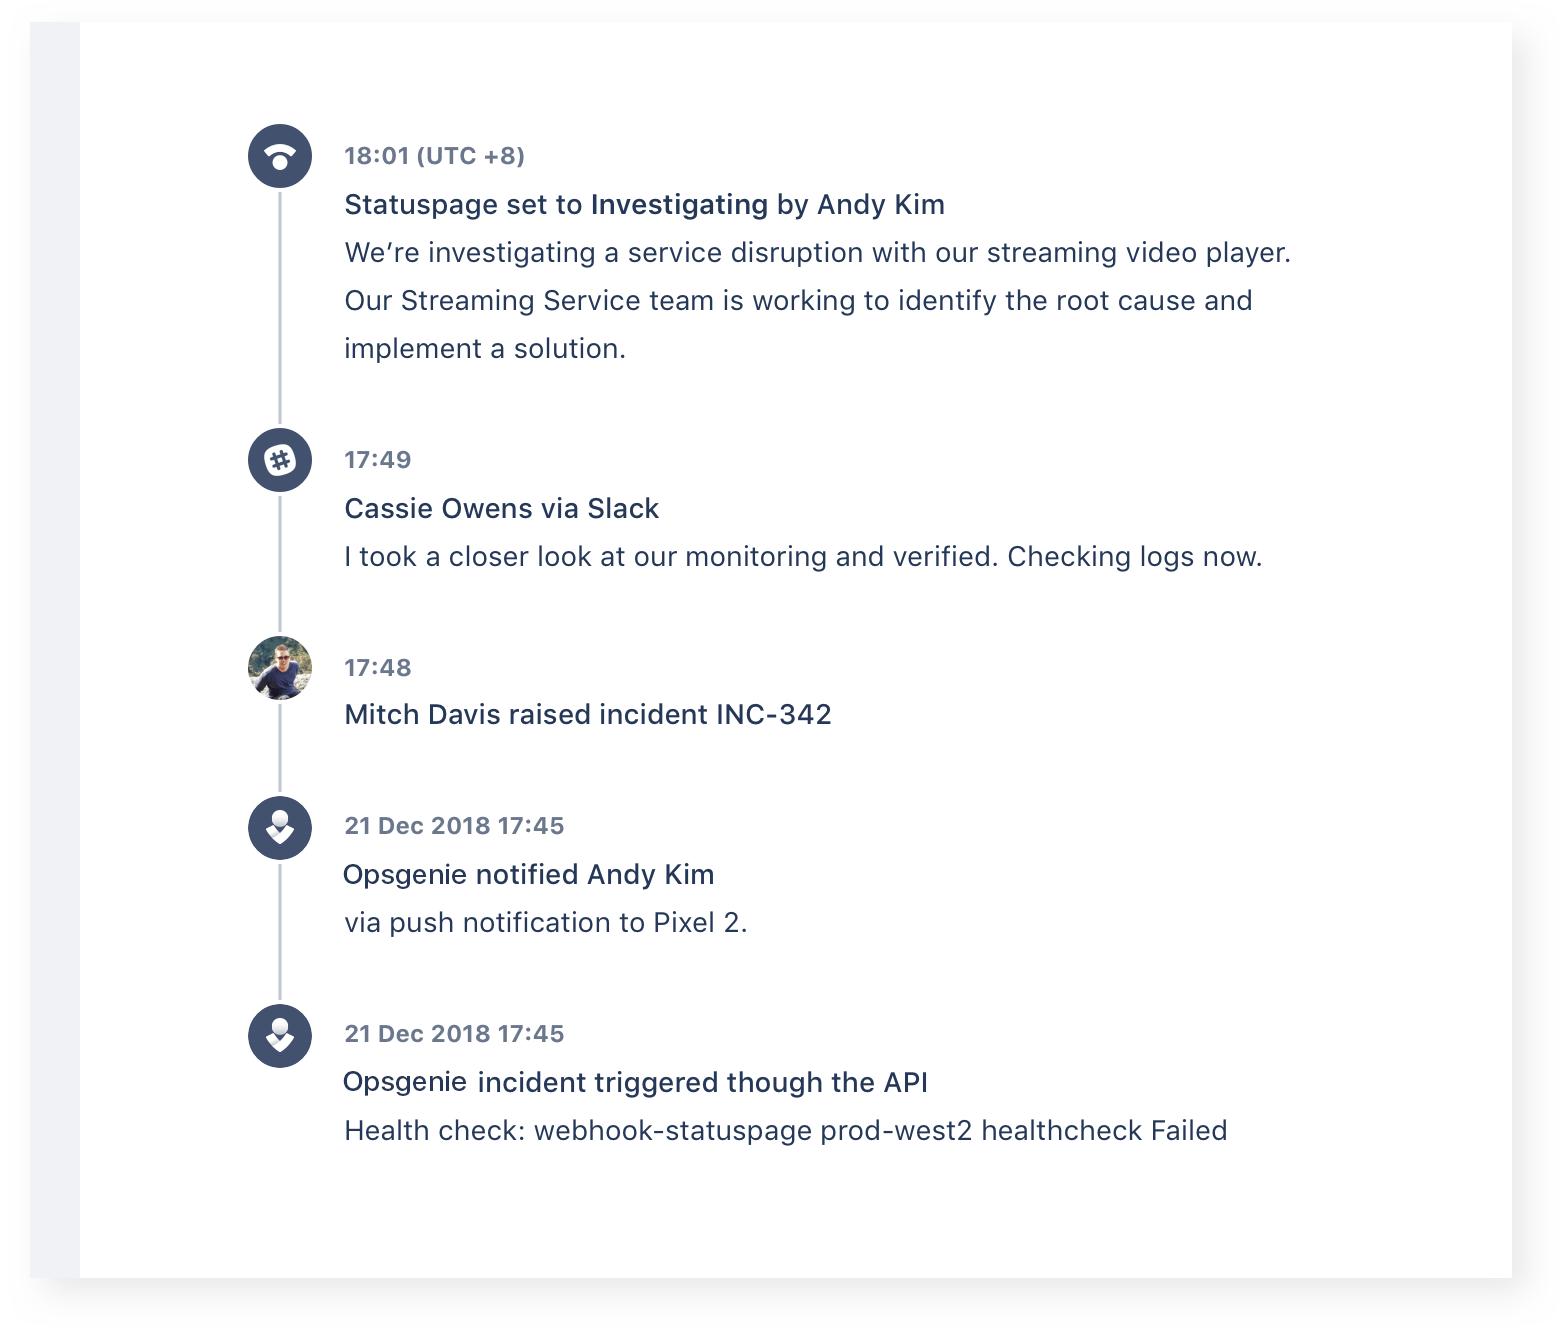 Una piattaforma unica per tutte le informazioni chiave.